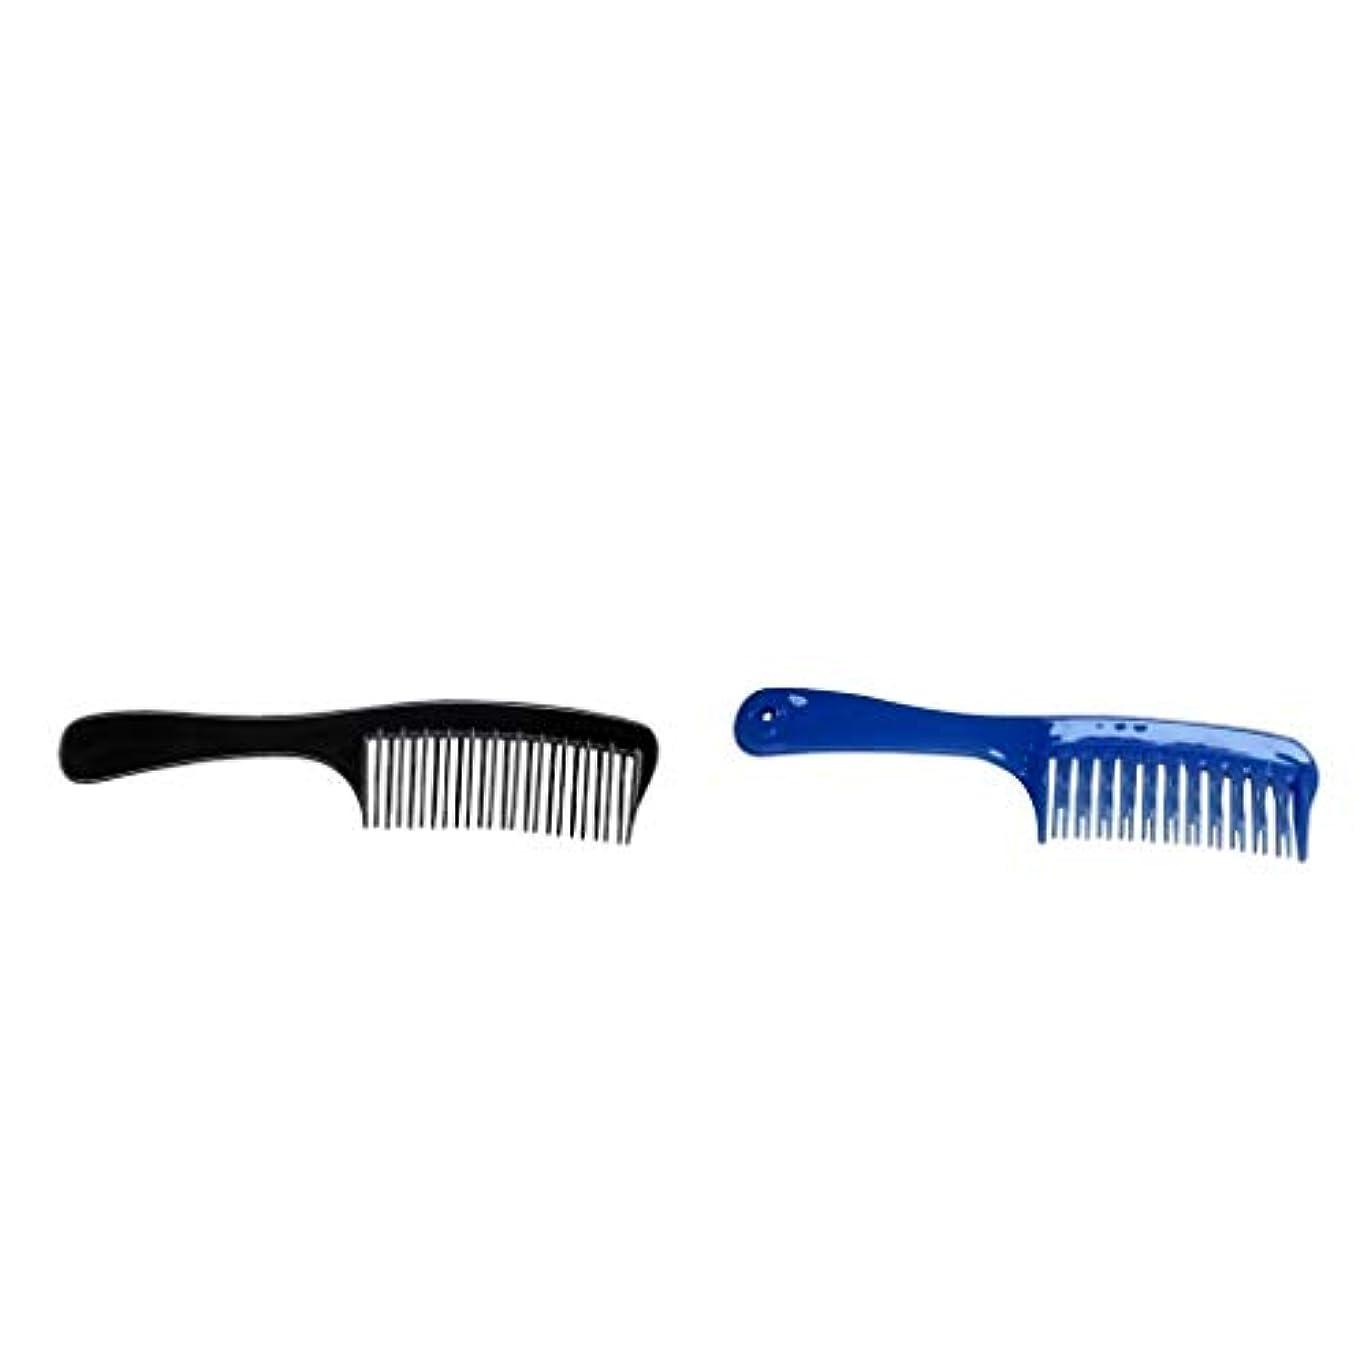 シンジケートスクレーパー地元Toygogo 理髪店大きいDetanglerのもつれを解く毛の櫛、二重湾曲した歯の櫛様式、耐久のプラスチック、抵抗力がある漂白剤の色